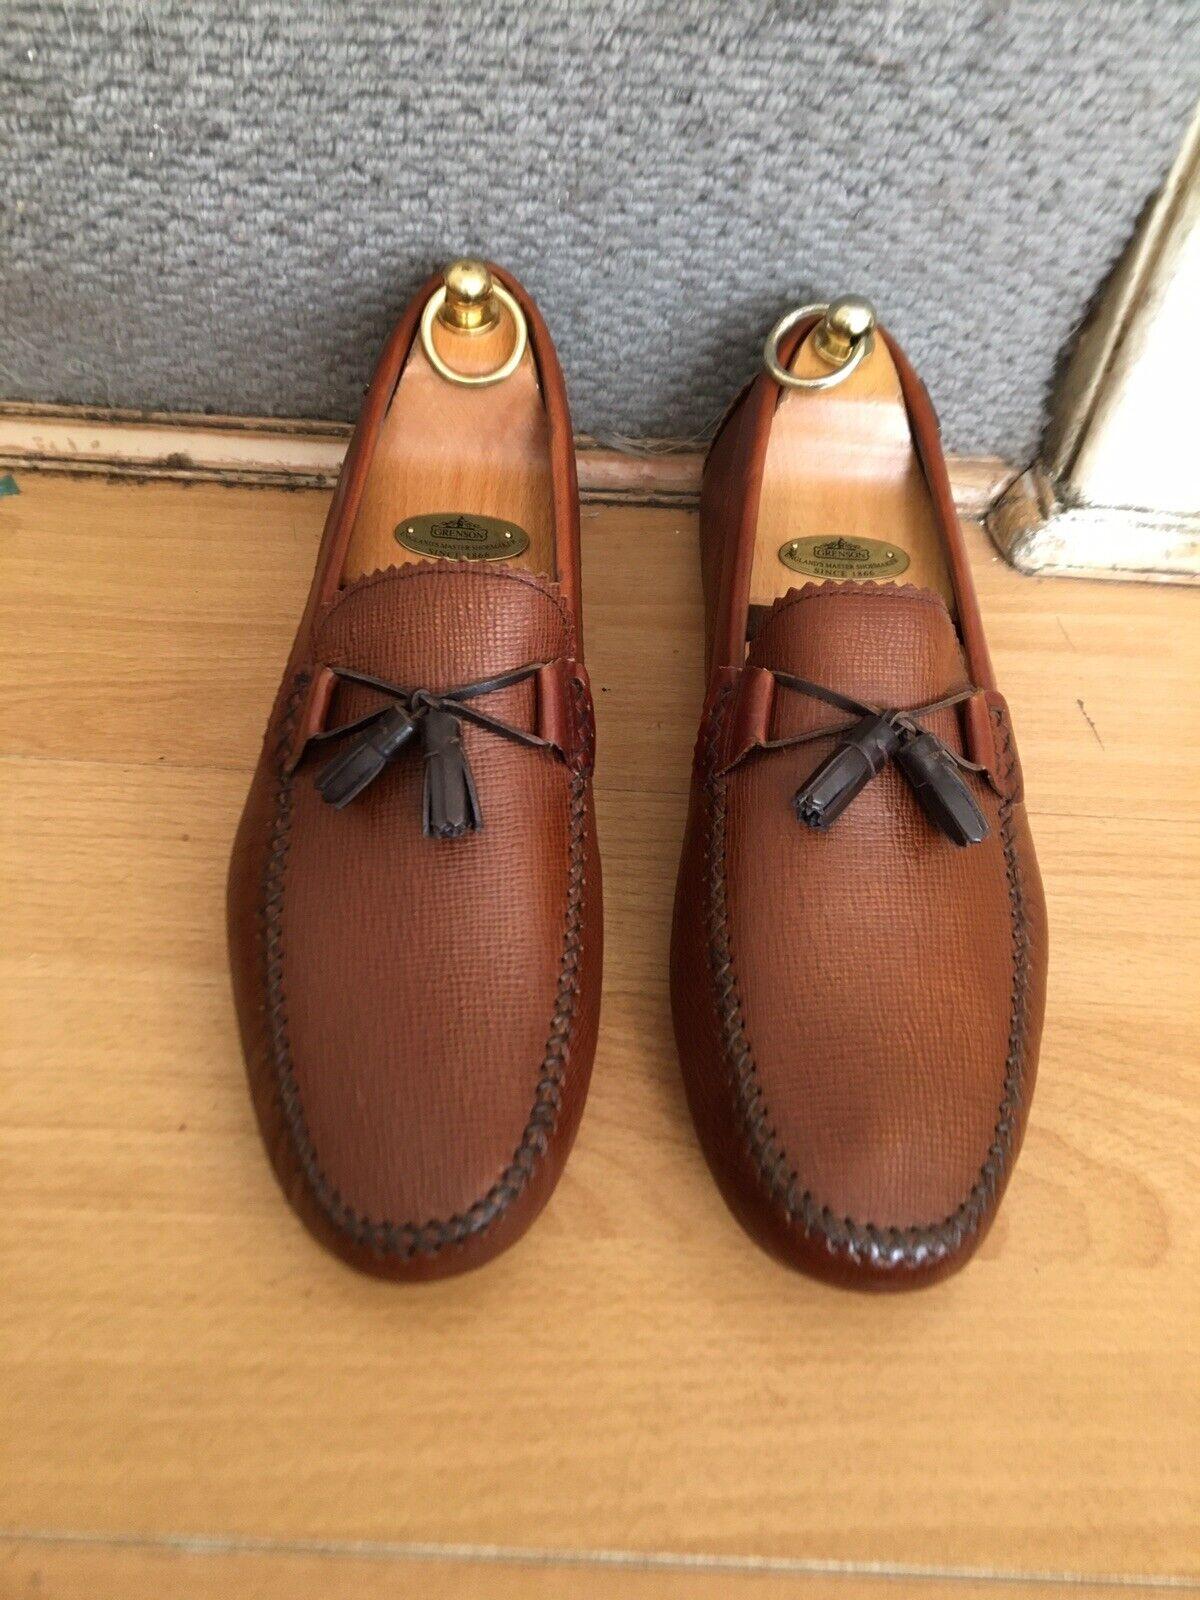 Ted Baker Urbonn Tan Leather Mens Tassel Moccasins Shoes Uk 8, RRP